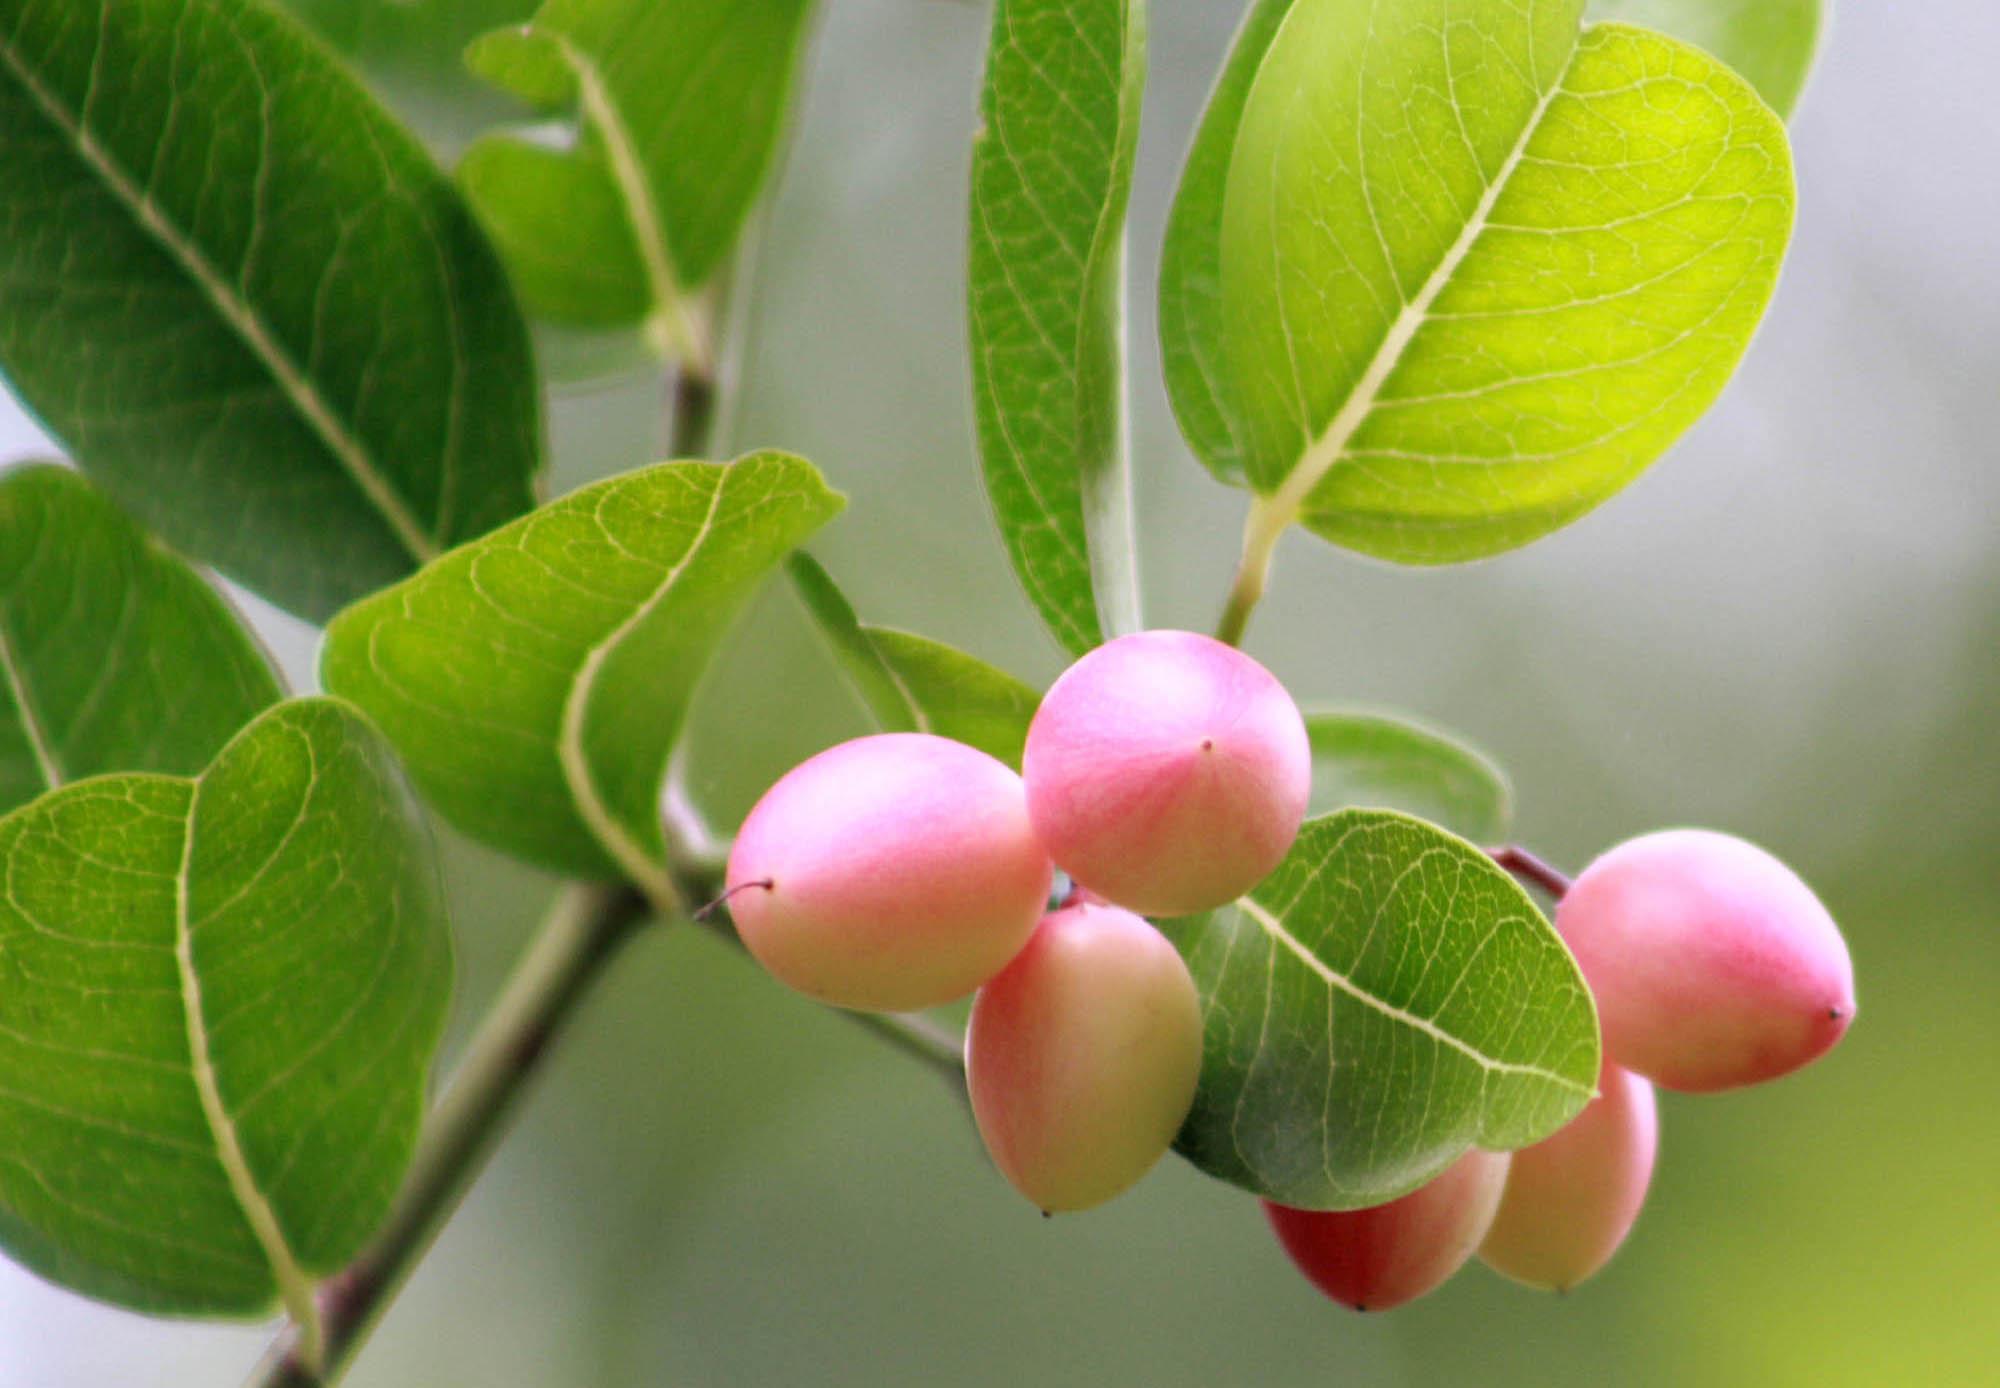 করমচা টক জাতীয় স্বাদের ছোট প্রকৃতির একটি ফল। করমচার বৈজ্ঞানিক নাম: ক্যারস্সিা কারান্ডাস।